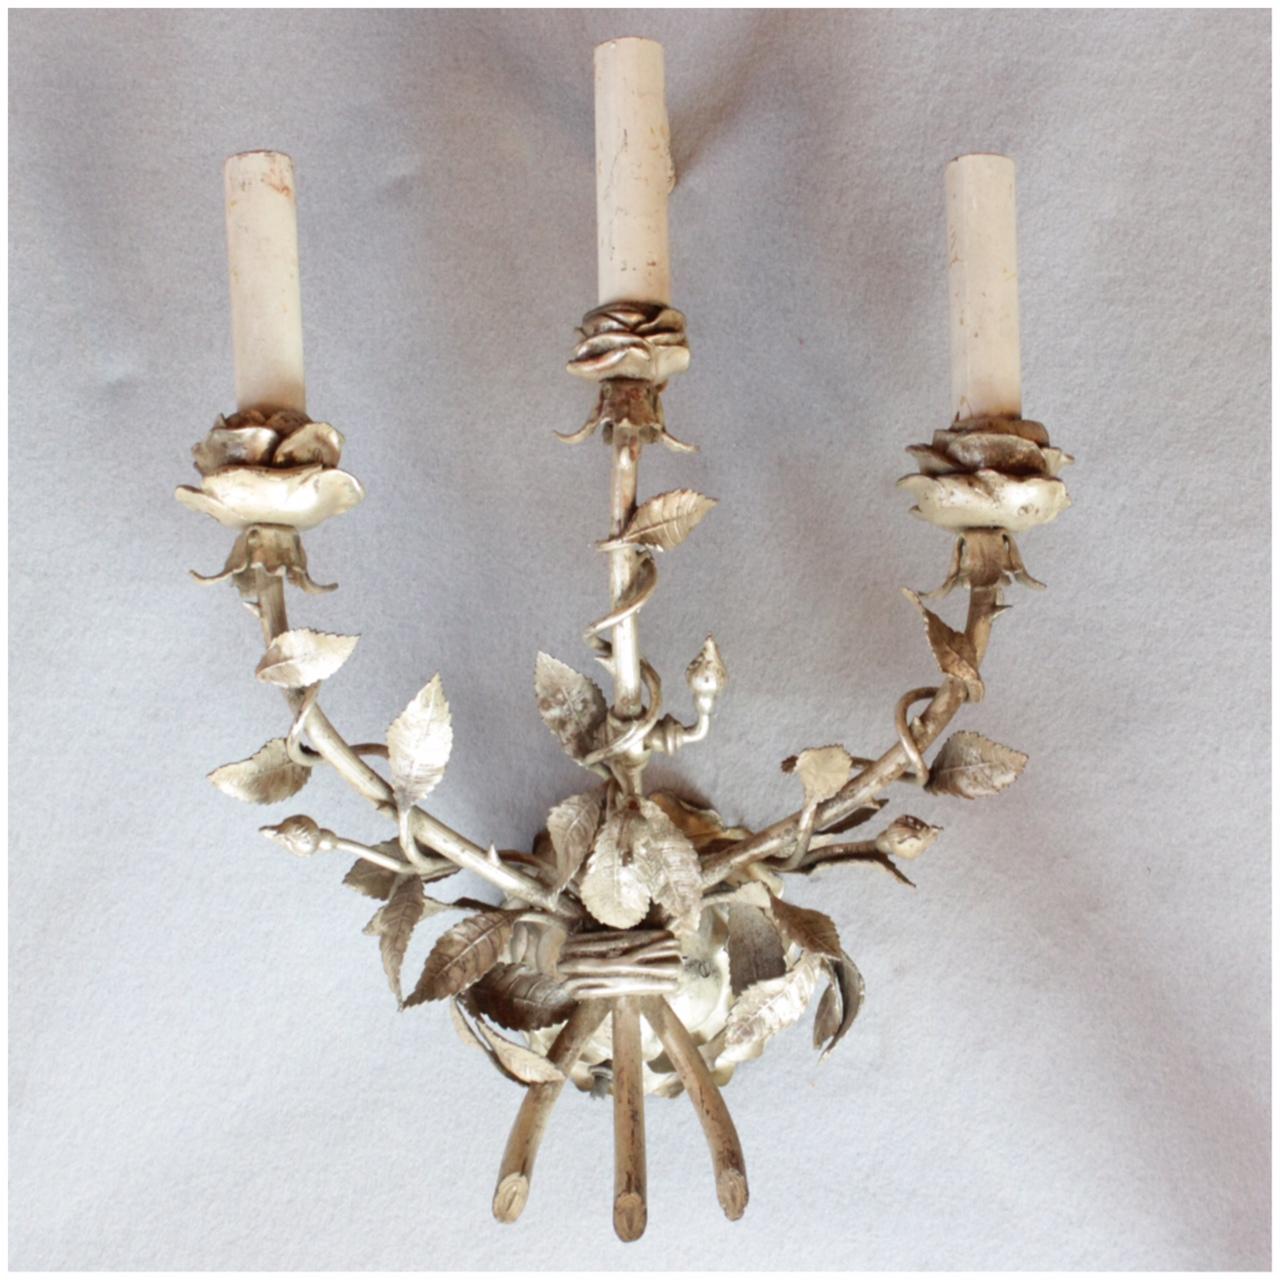 antique stores palm springs DIY125 Set of 4 Cast Rose Sconces   Bogart, Bremmer & Bradley Antiques antique stores palm springs